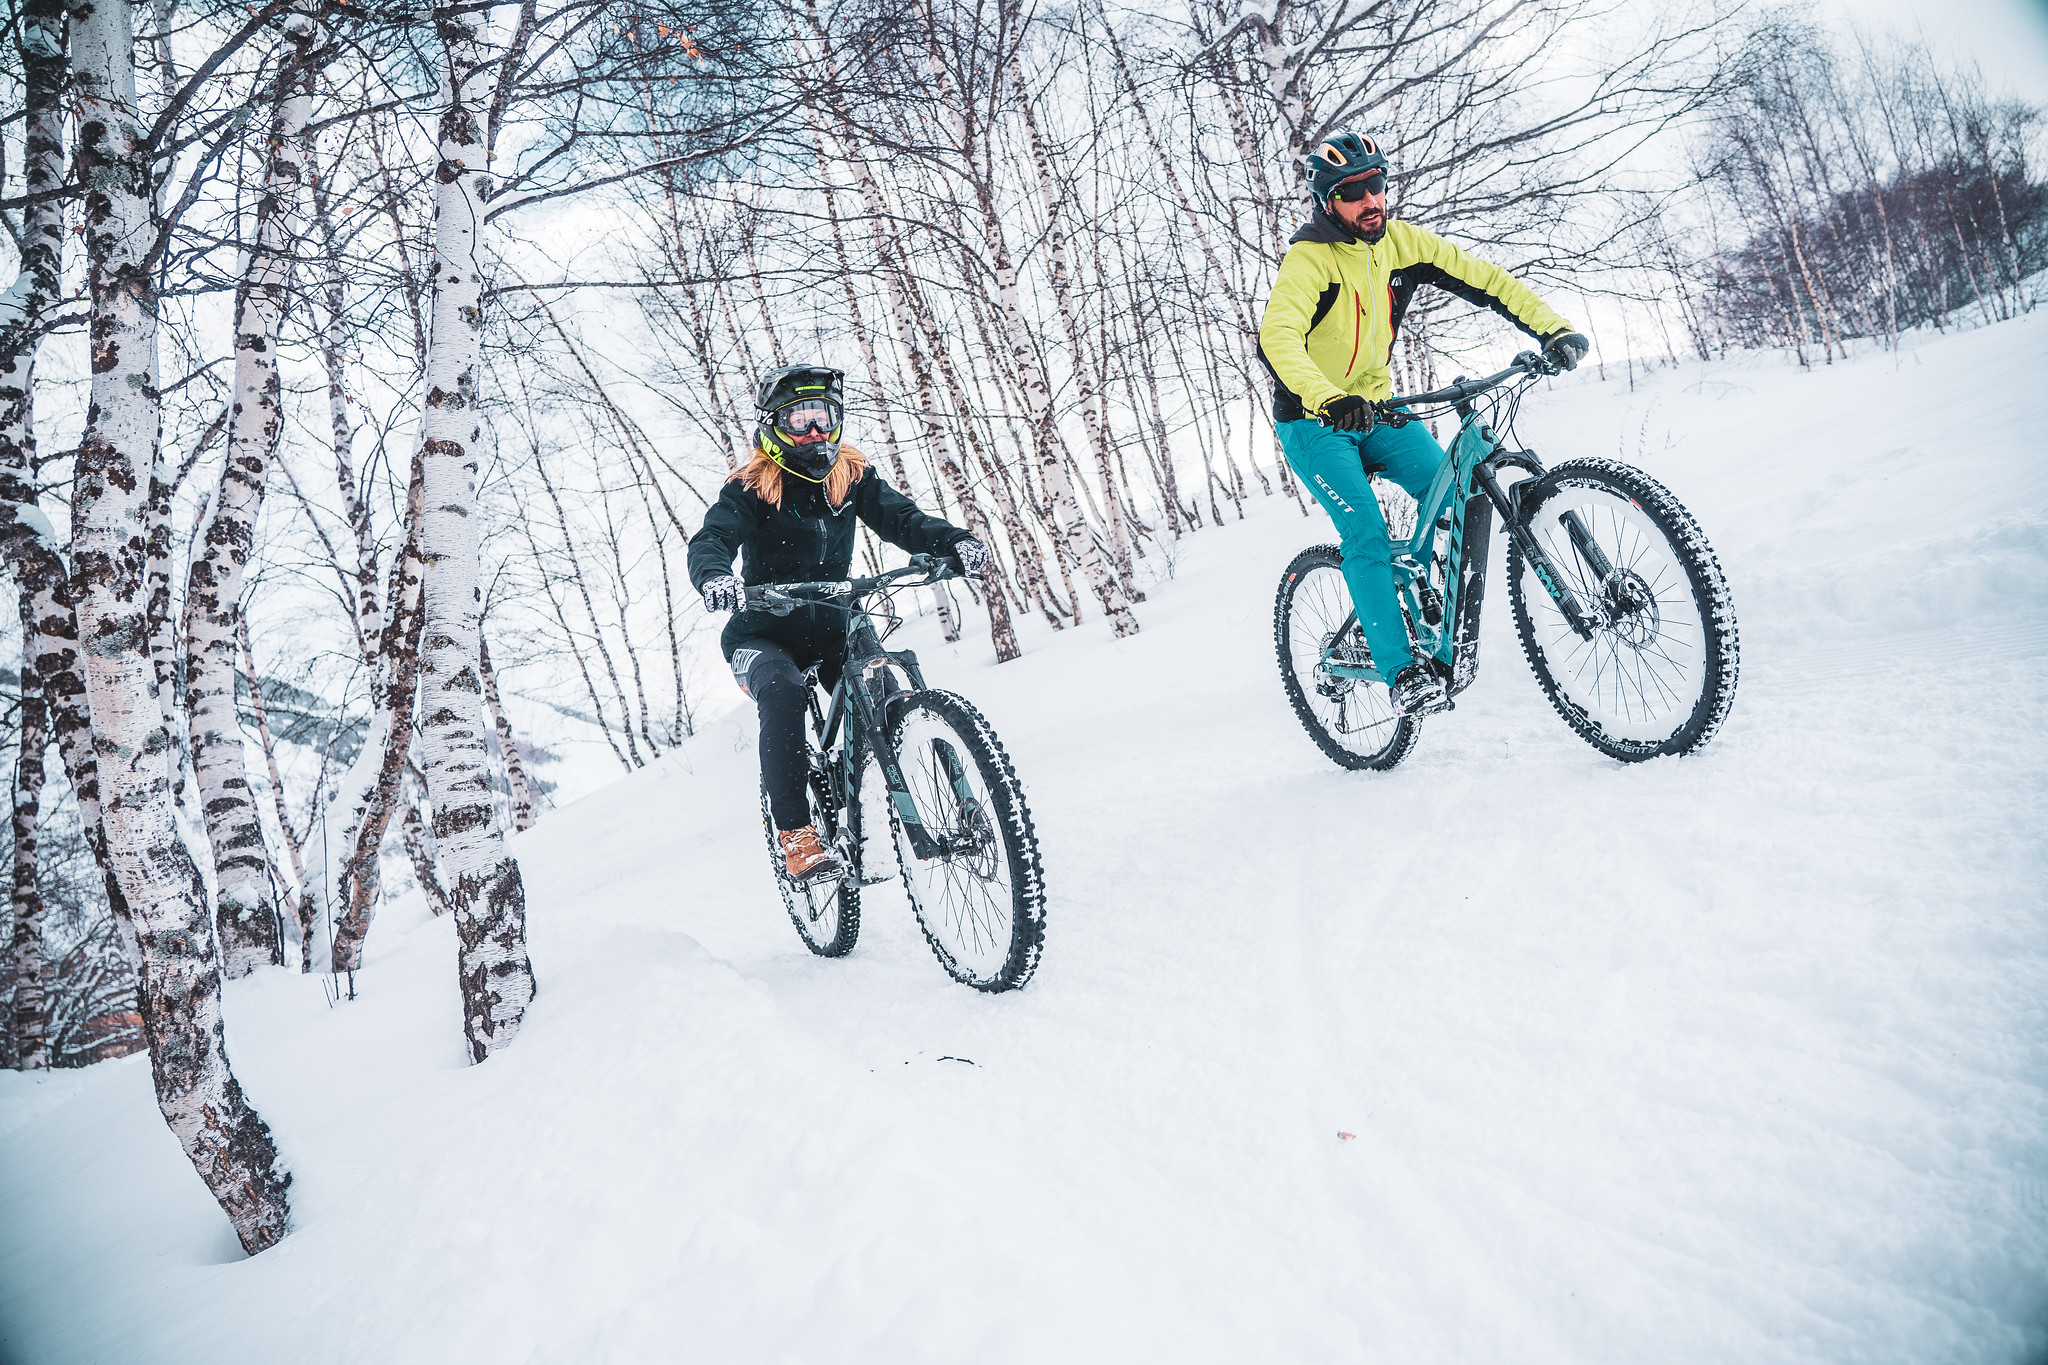 vttae-sur-neige-416238